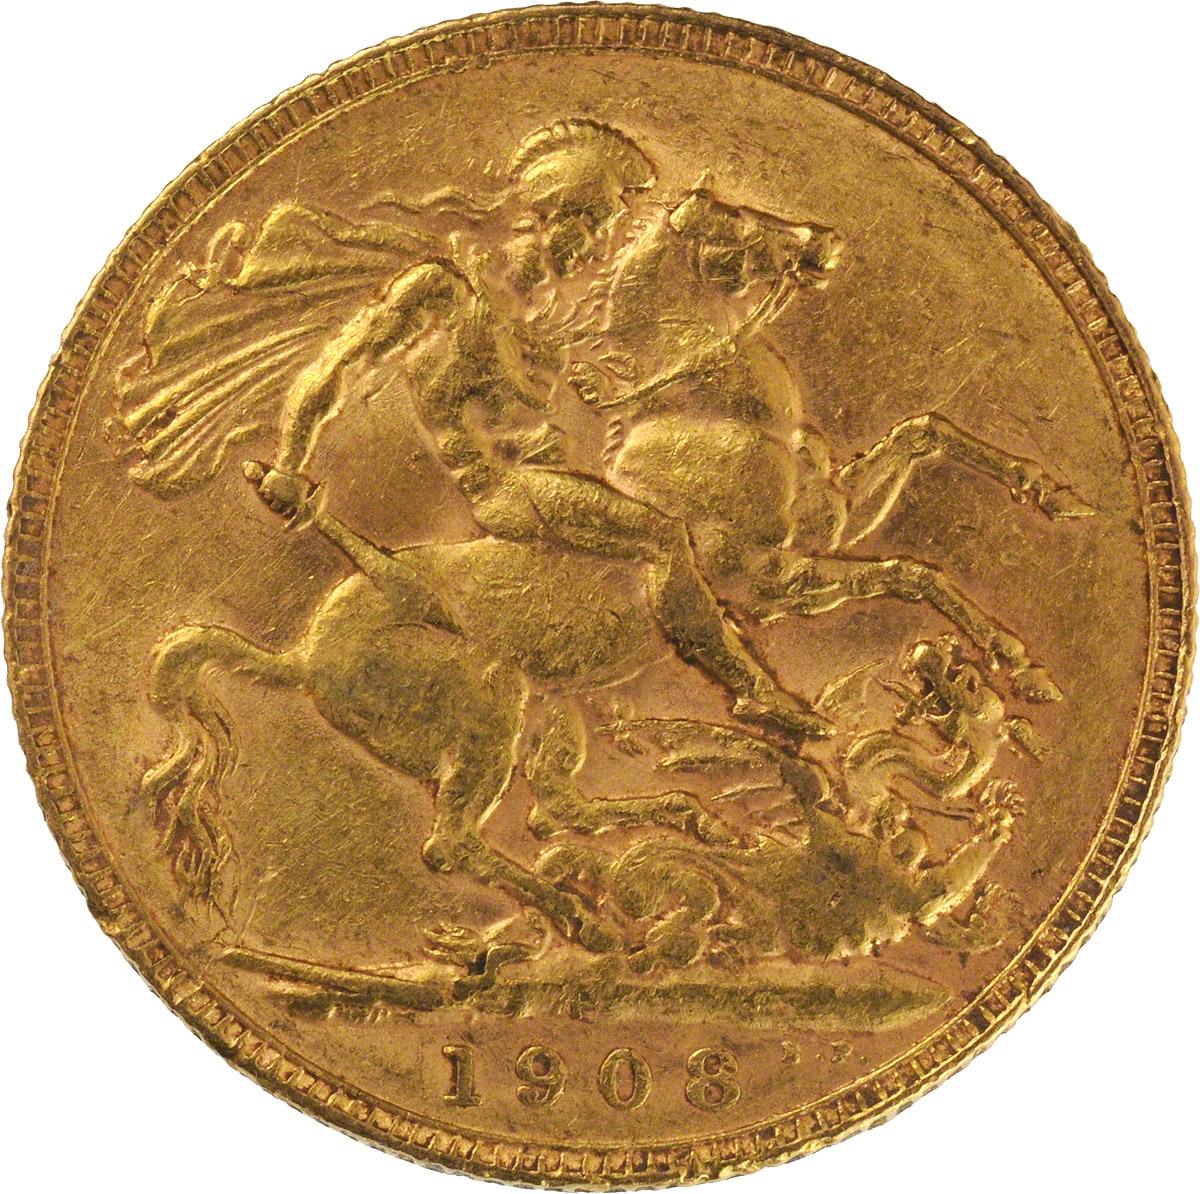 1908 Εδουάρδος Ζ' (Νομισματοκοπείο Περθ)